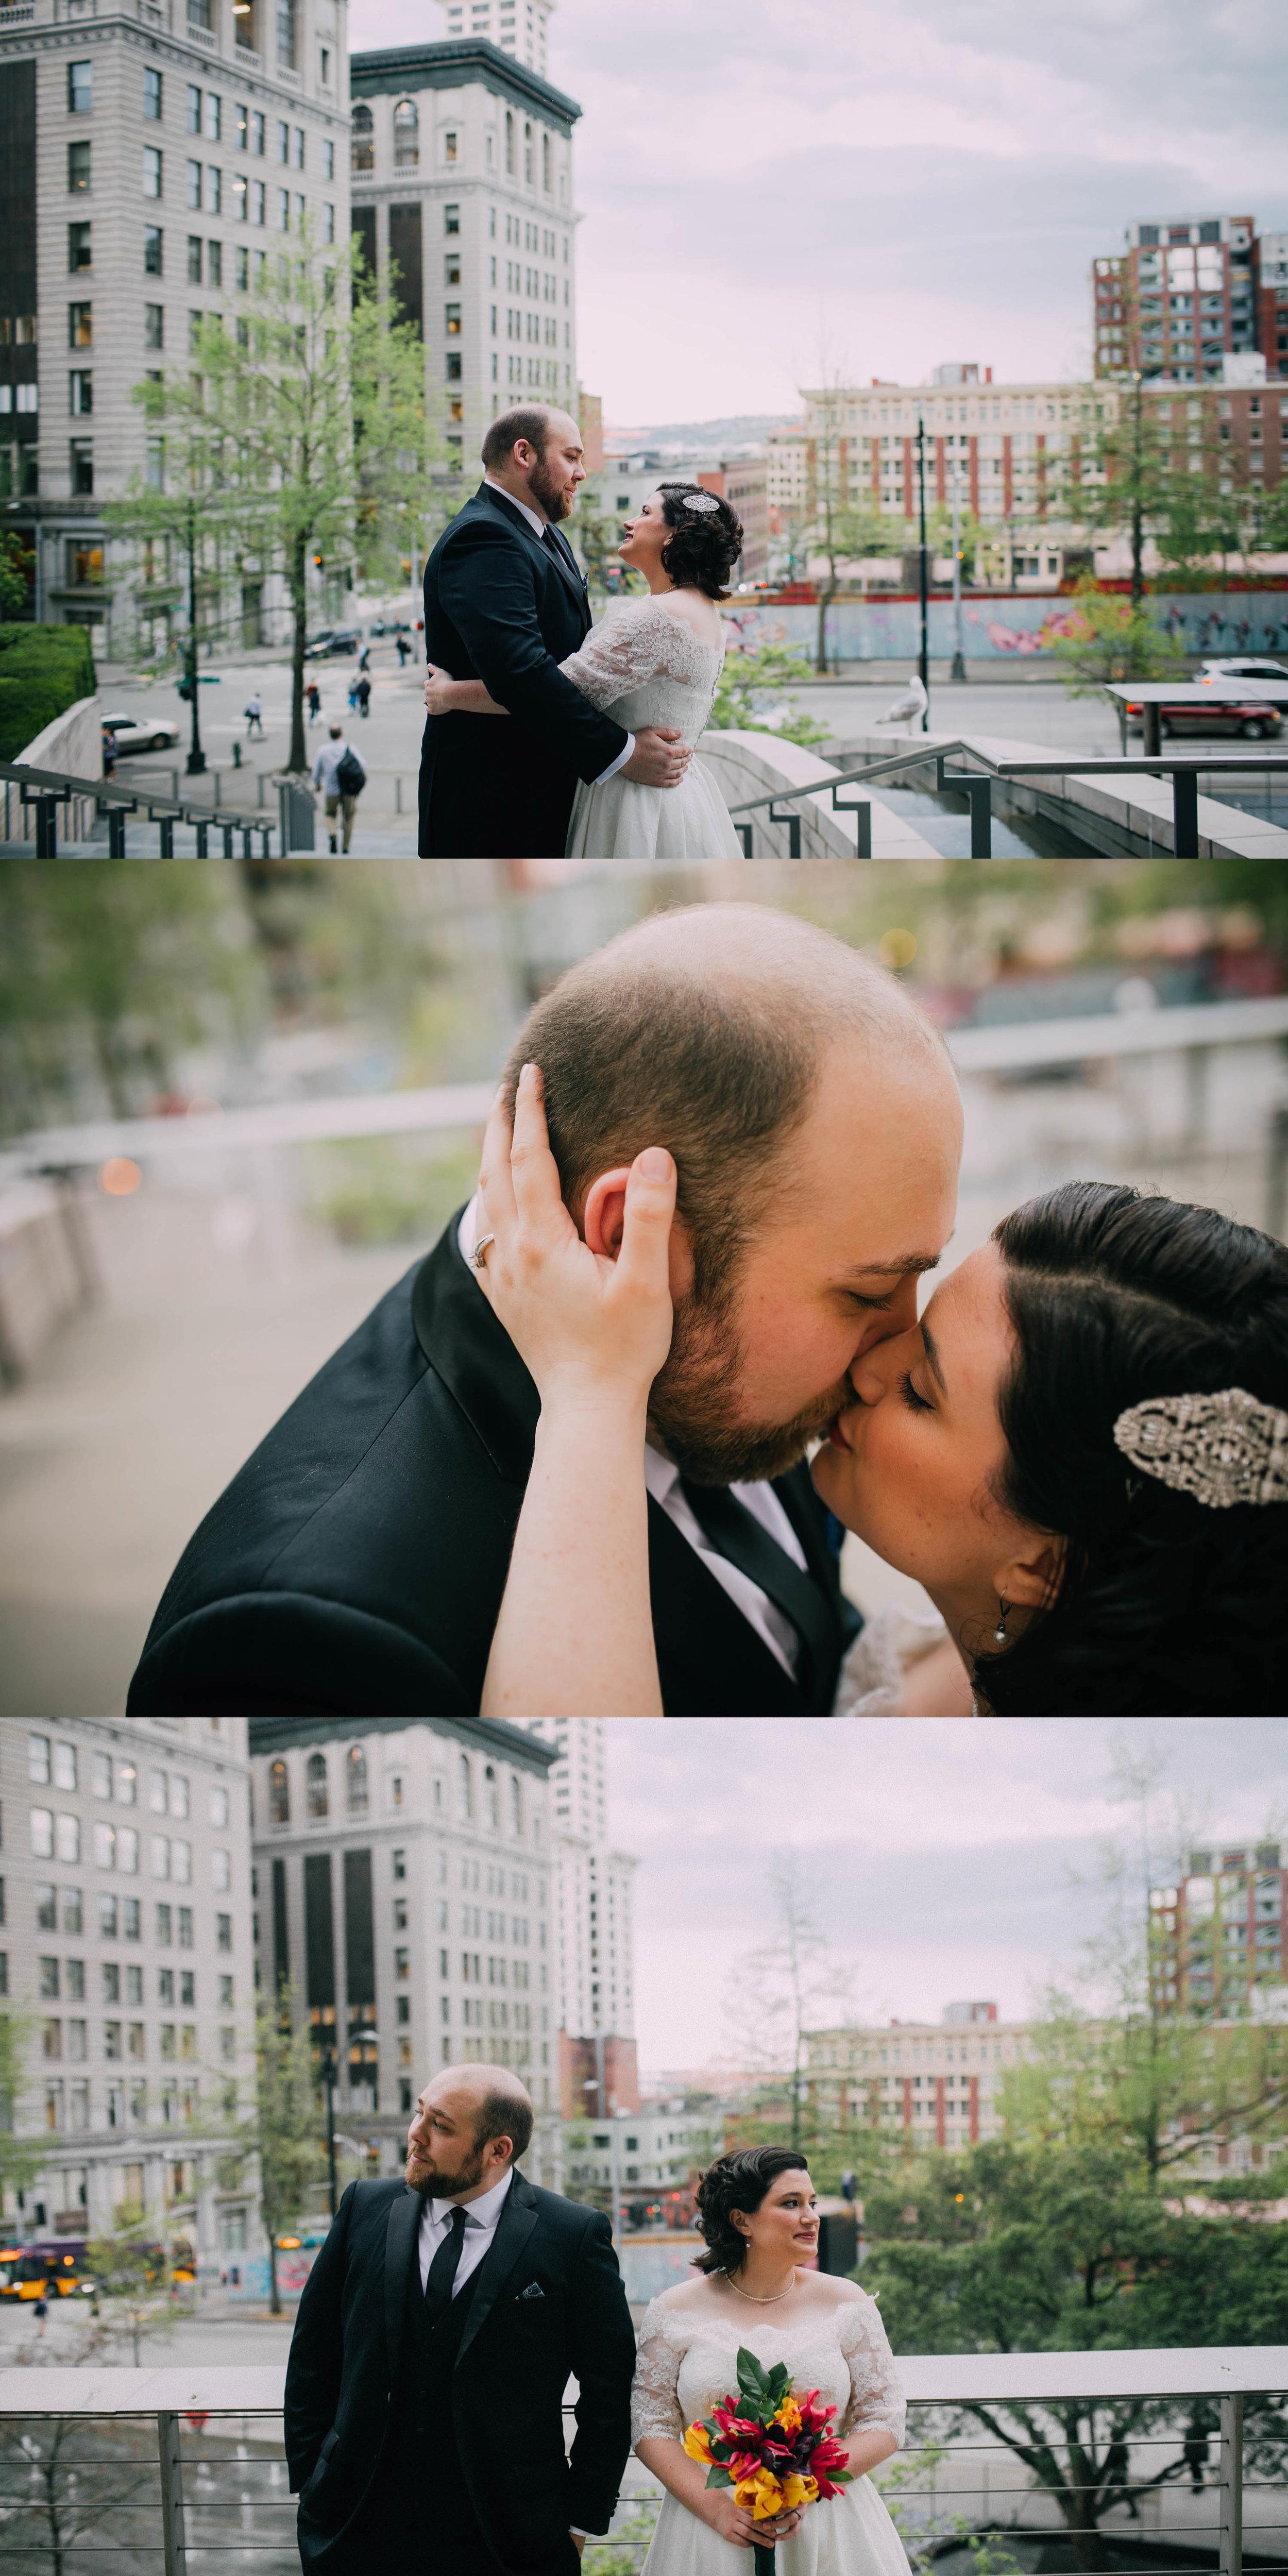 seattle washington courthouse wedding photographer elopement photographer-97.jpg